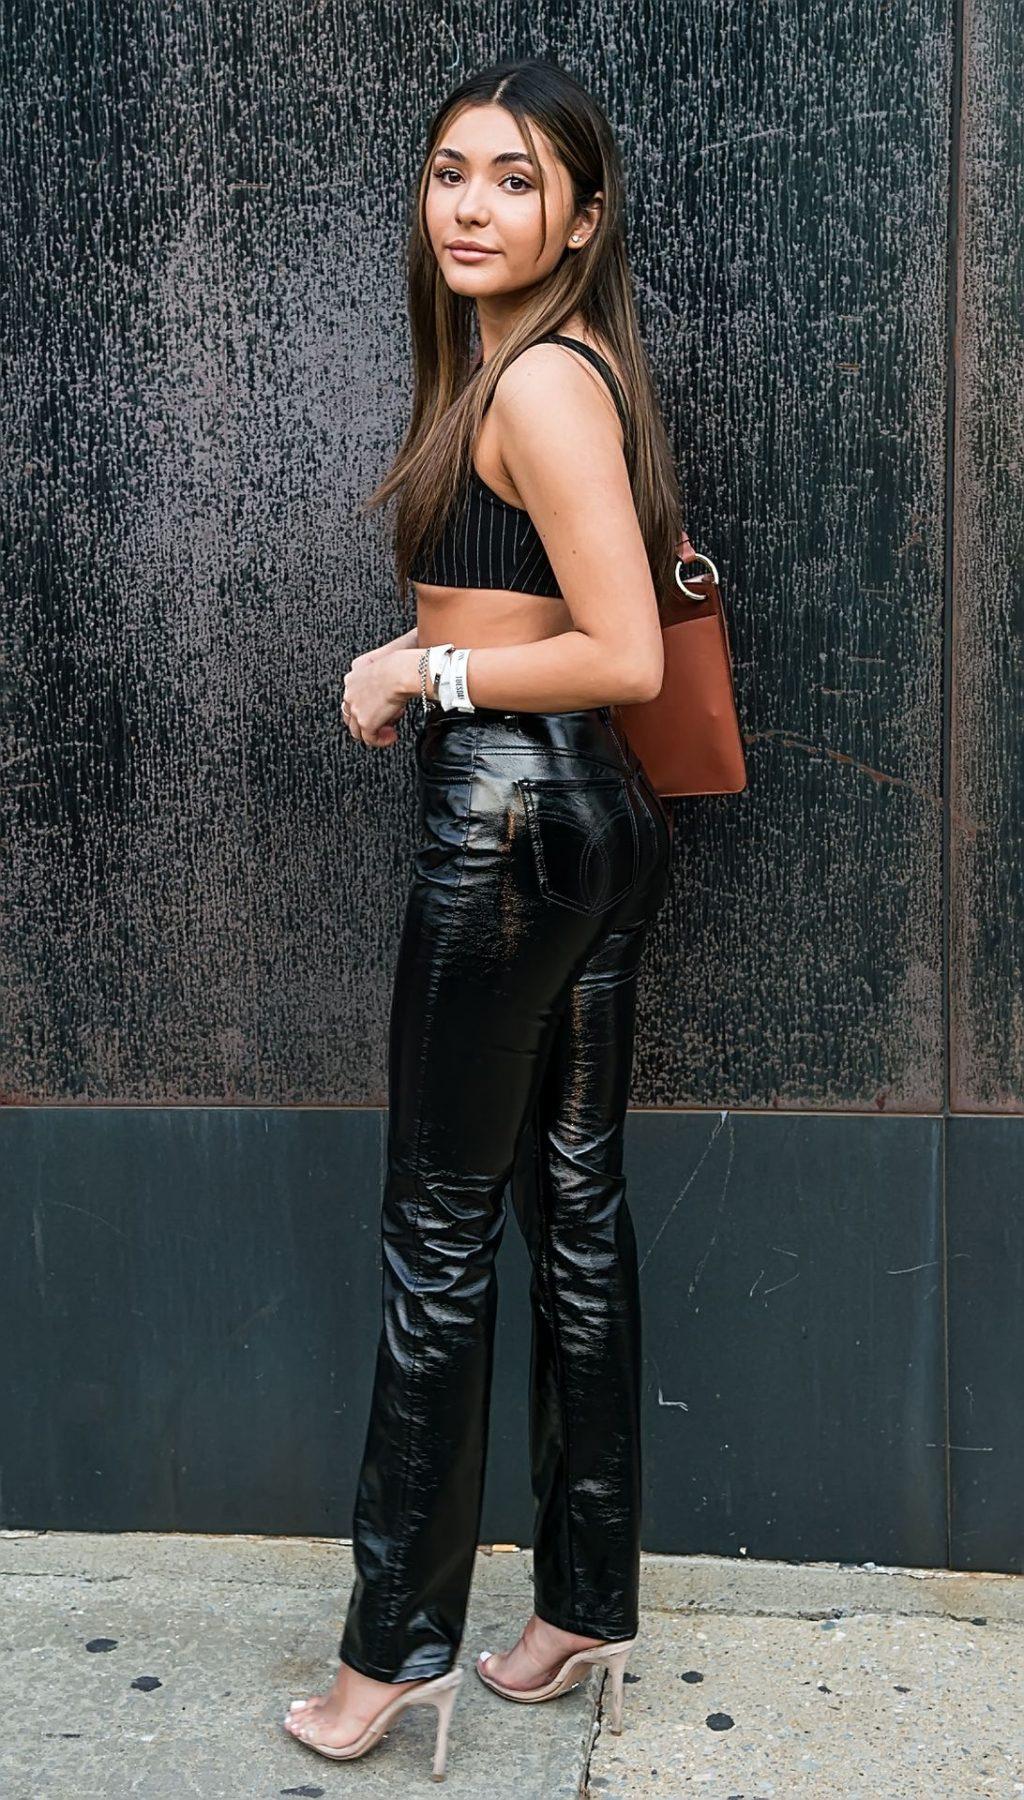 Atiana De La Hoya Displays Her Underboob in NYC (27 Photos)